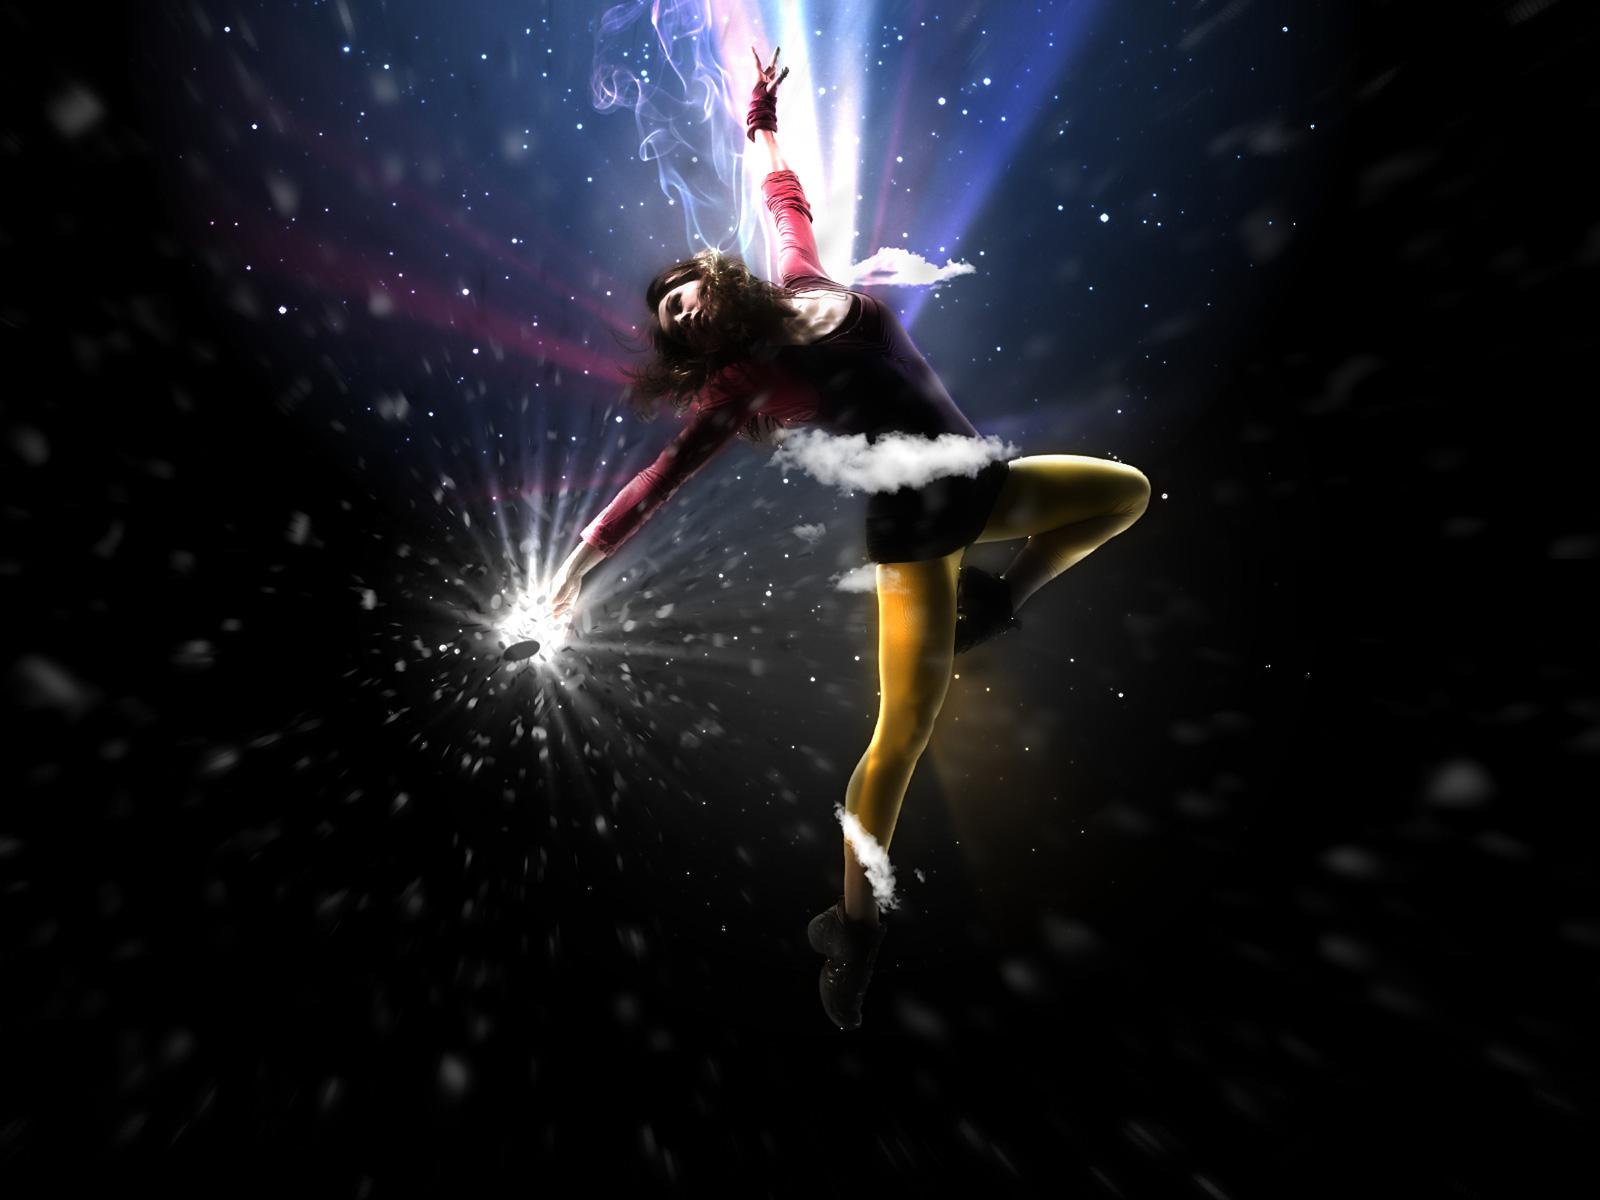 dance wallpaper 1600x1200